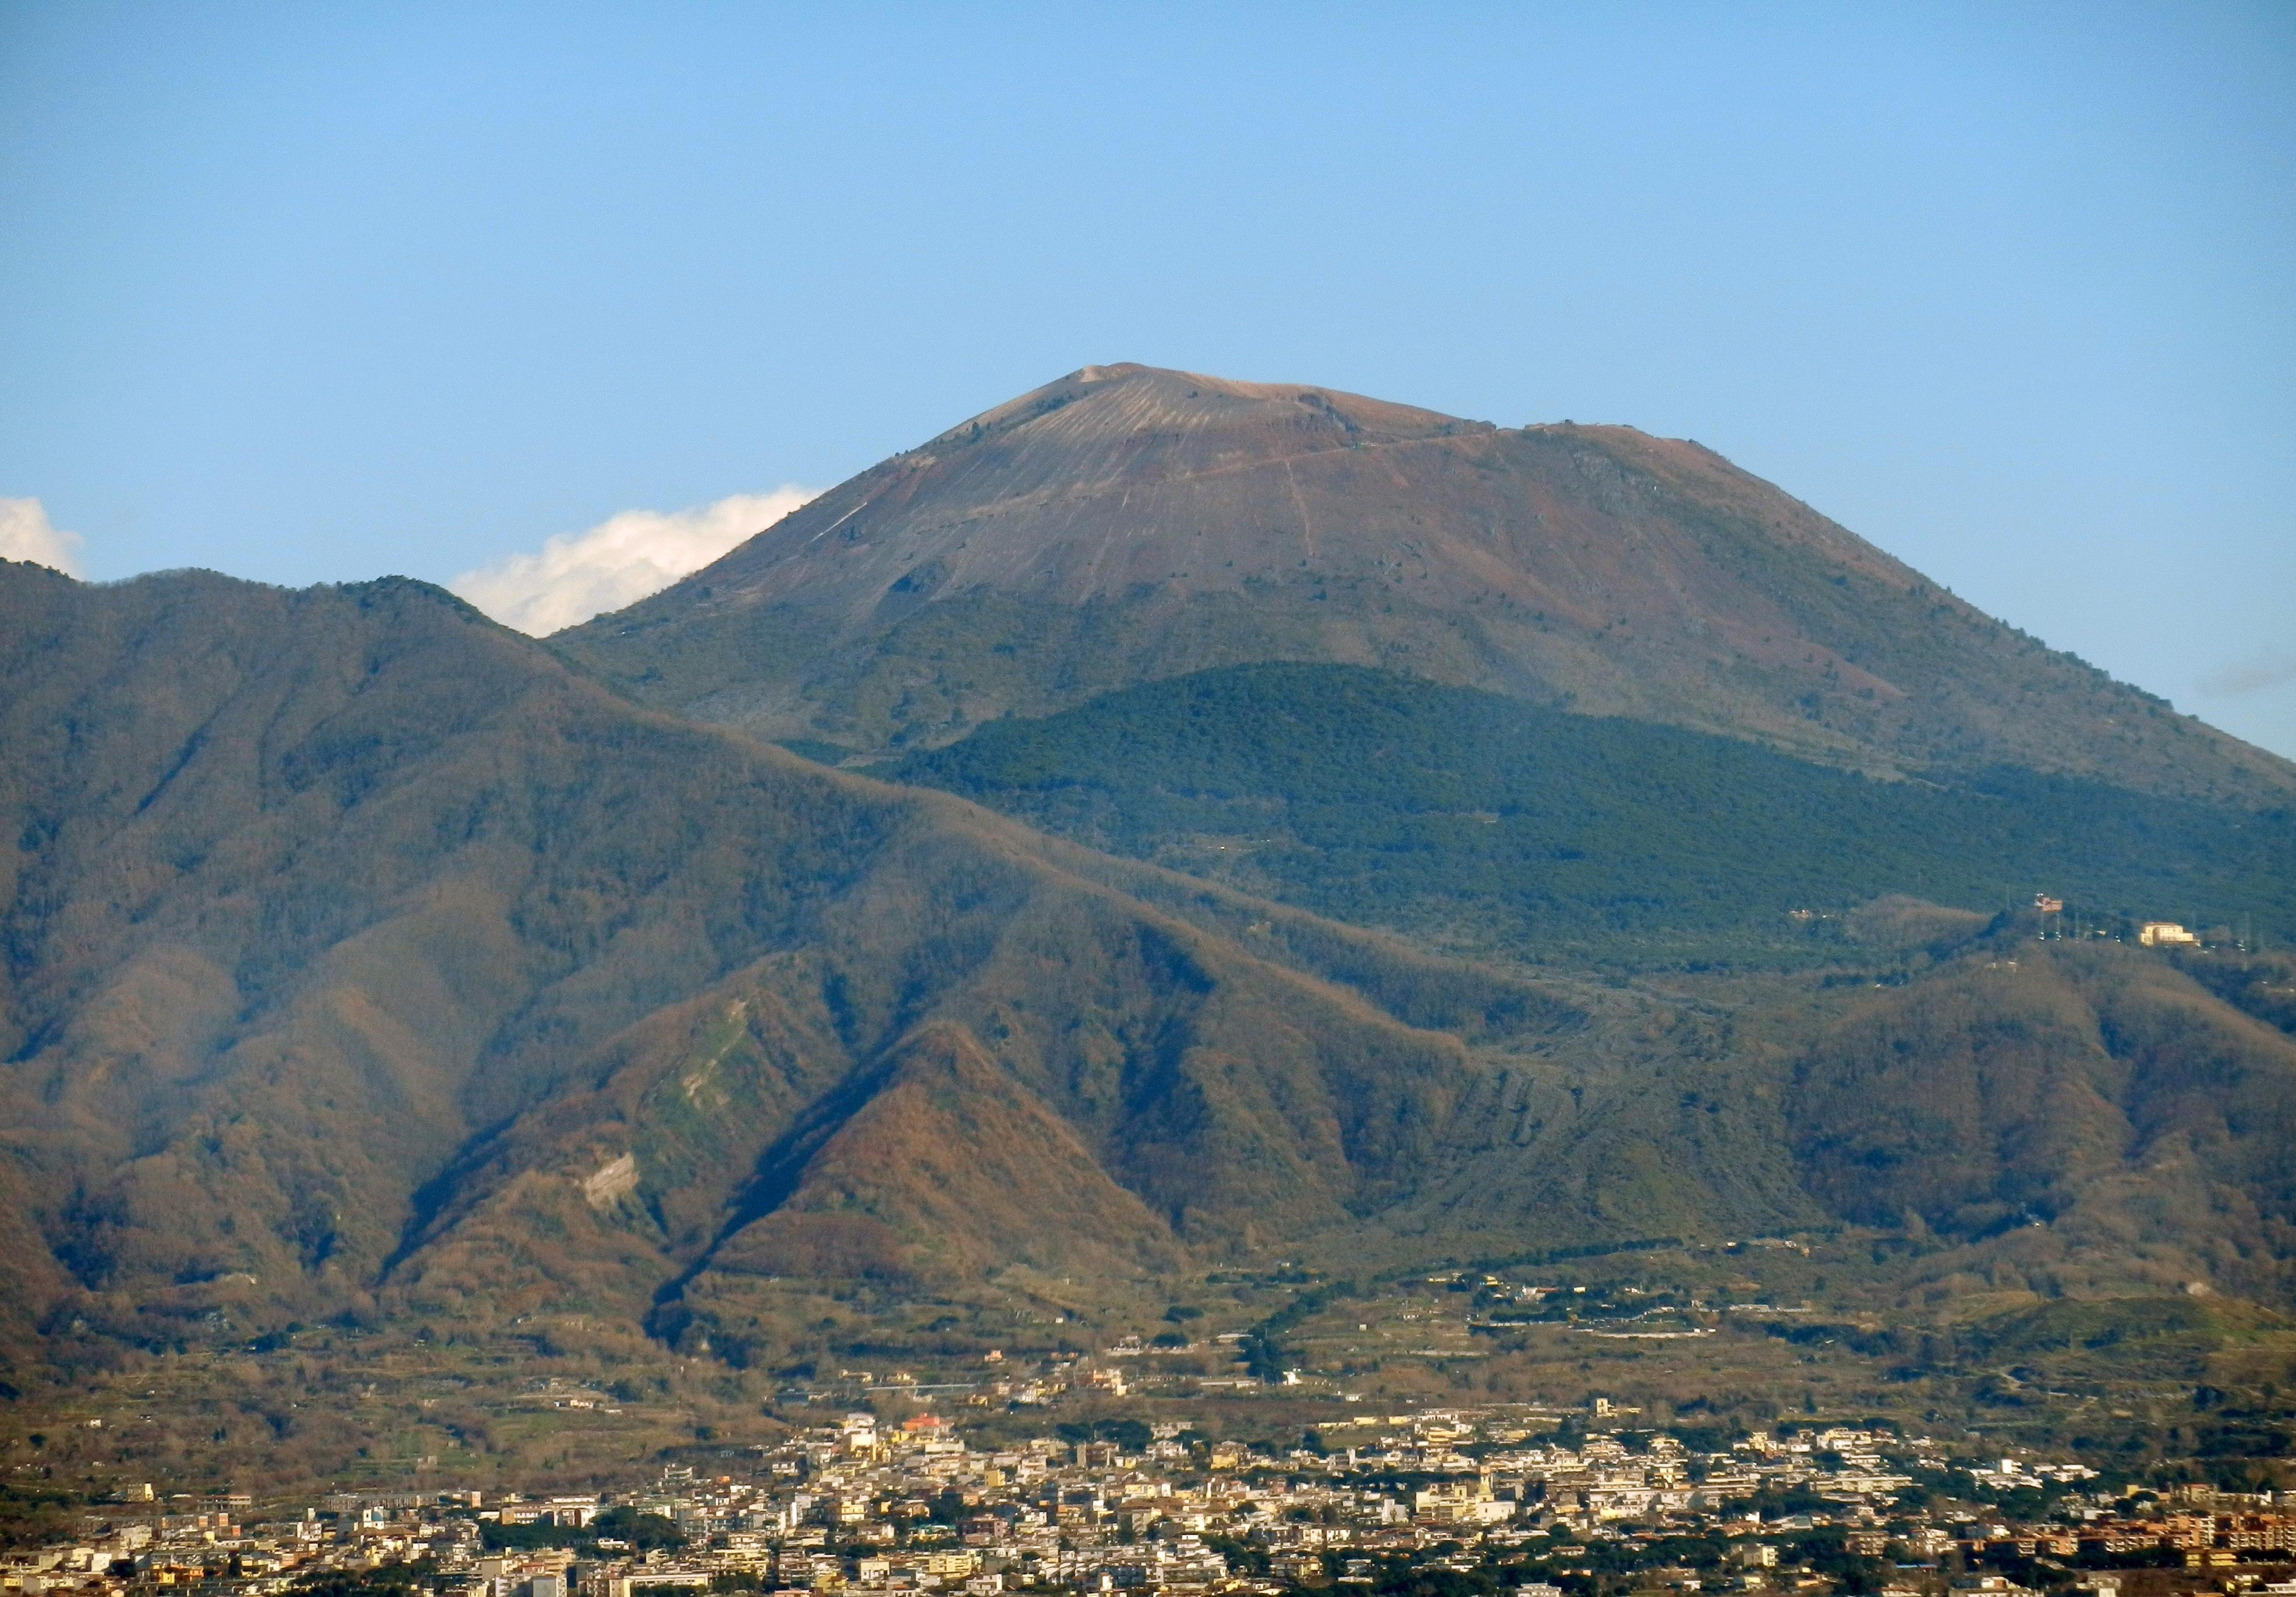 L'imponente complesso vulcanico costituito dal Monte Somma e dal Vesuvio!!!